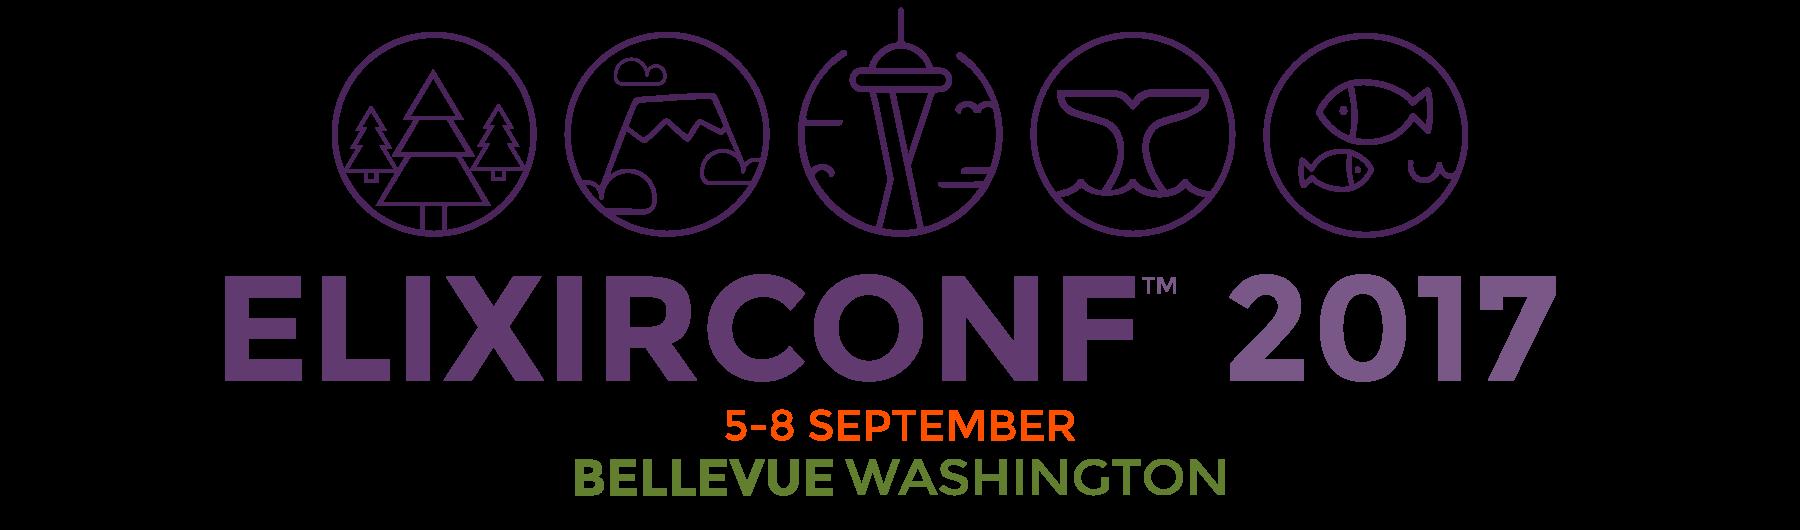 ElixirConf™ US 2017